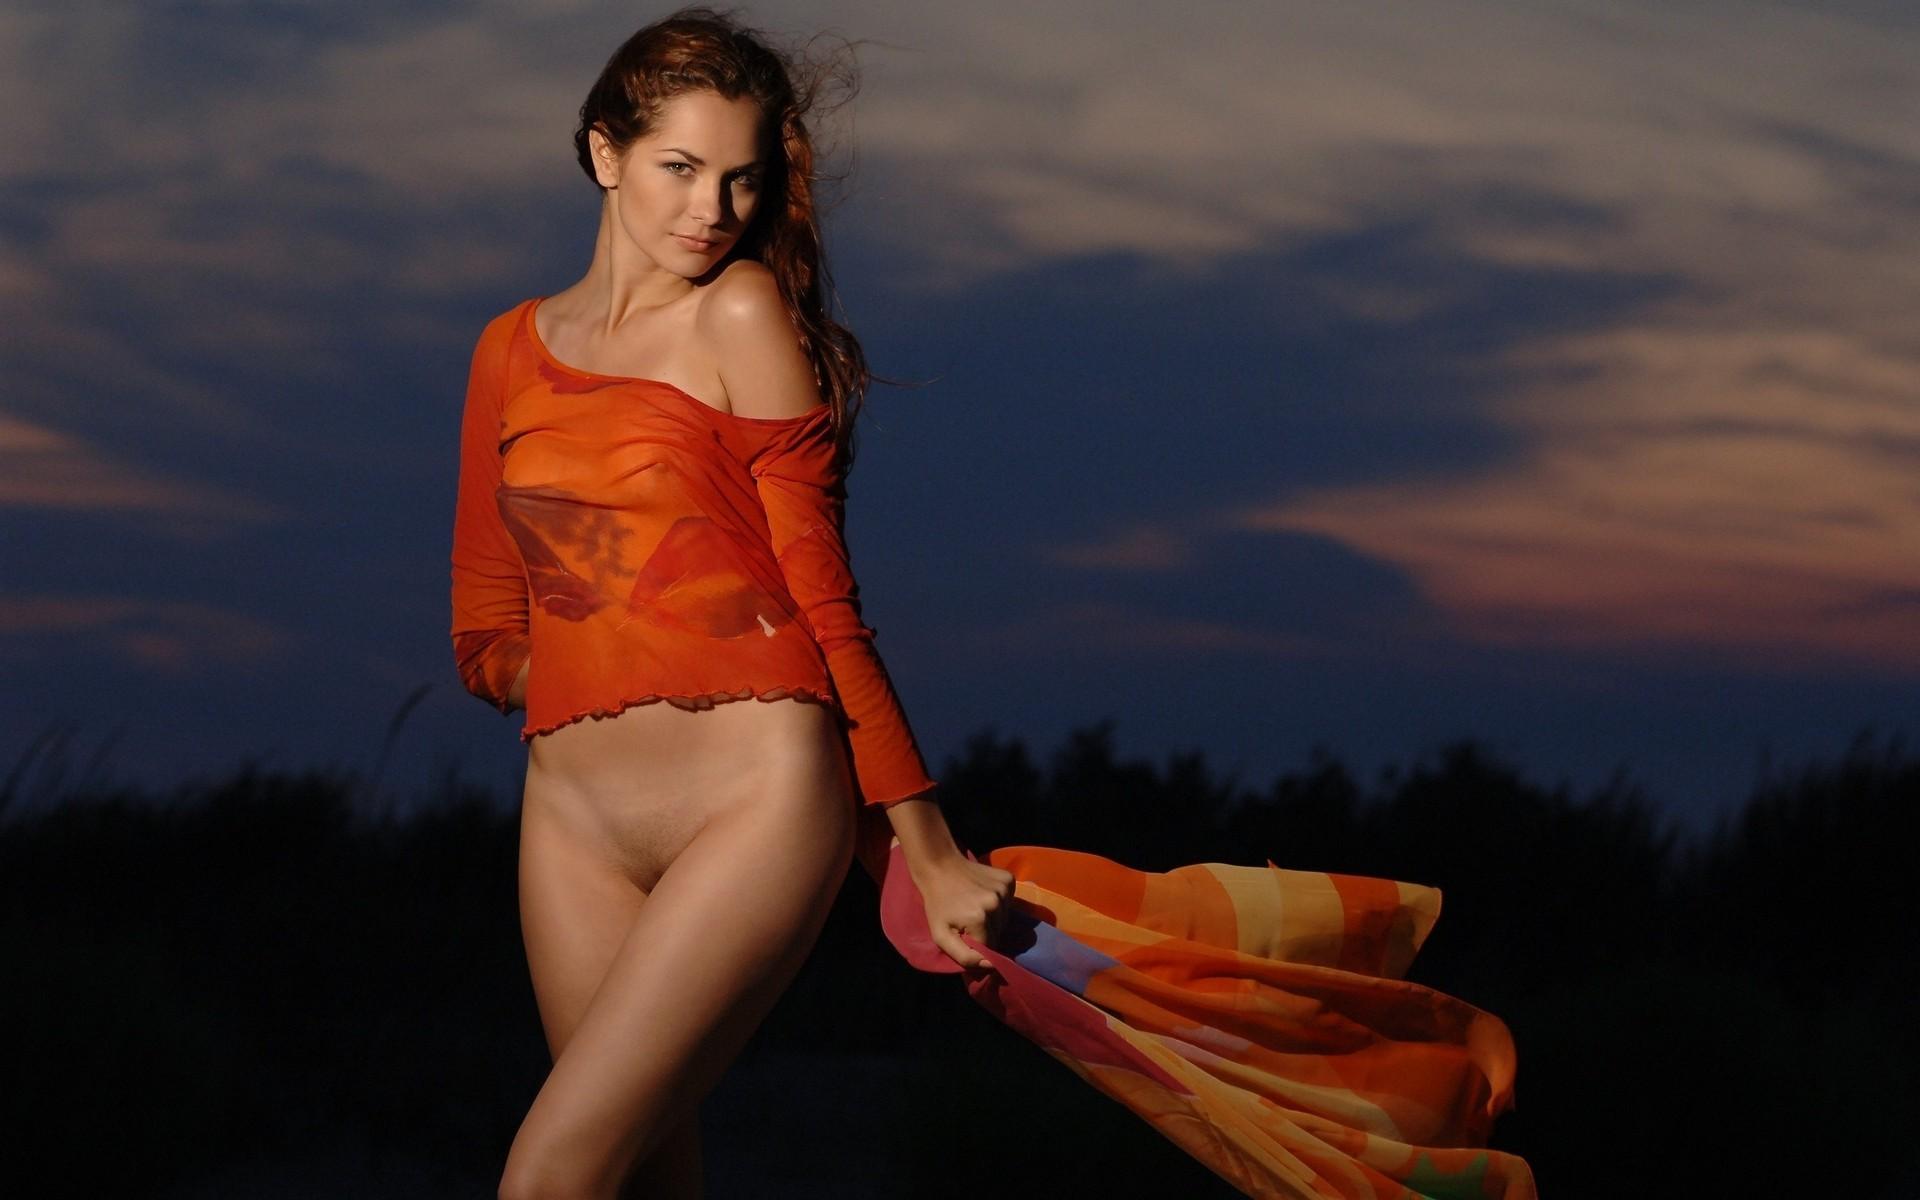 Эротичные девушки в прозрачной одежде, прозрачная одежда 12 фотография